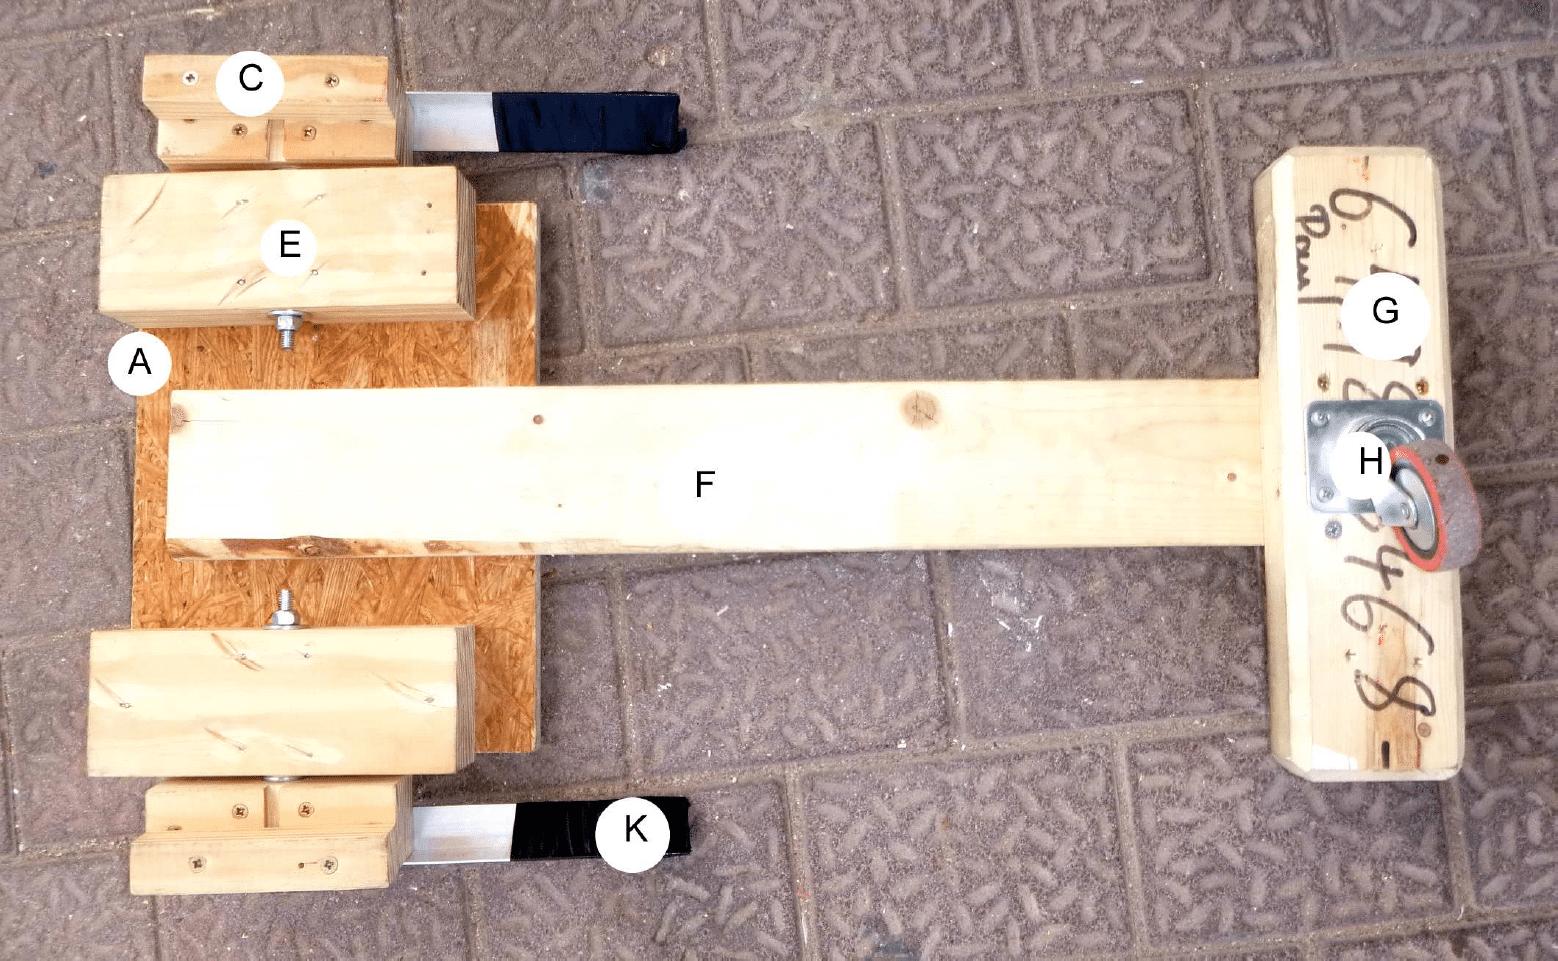 Übersicht der verwendeten Holzteile des Hoverboard-Aufsatzes